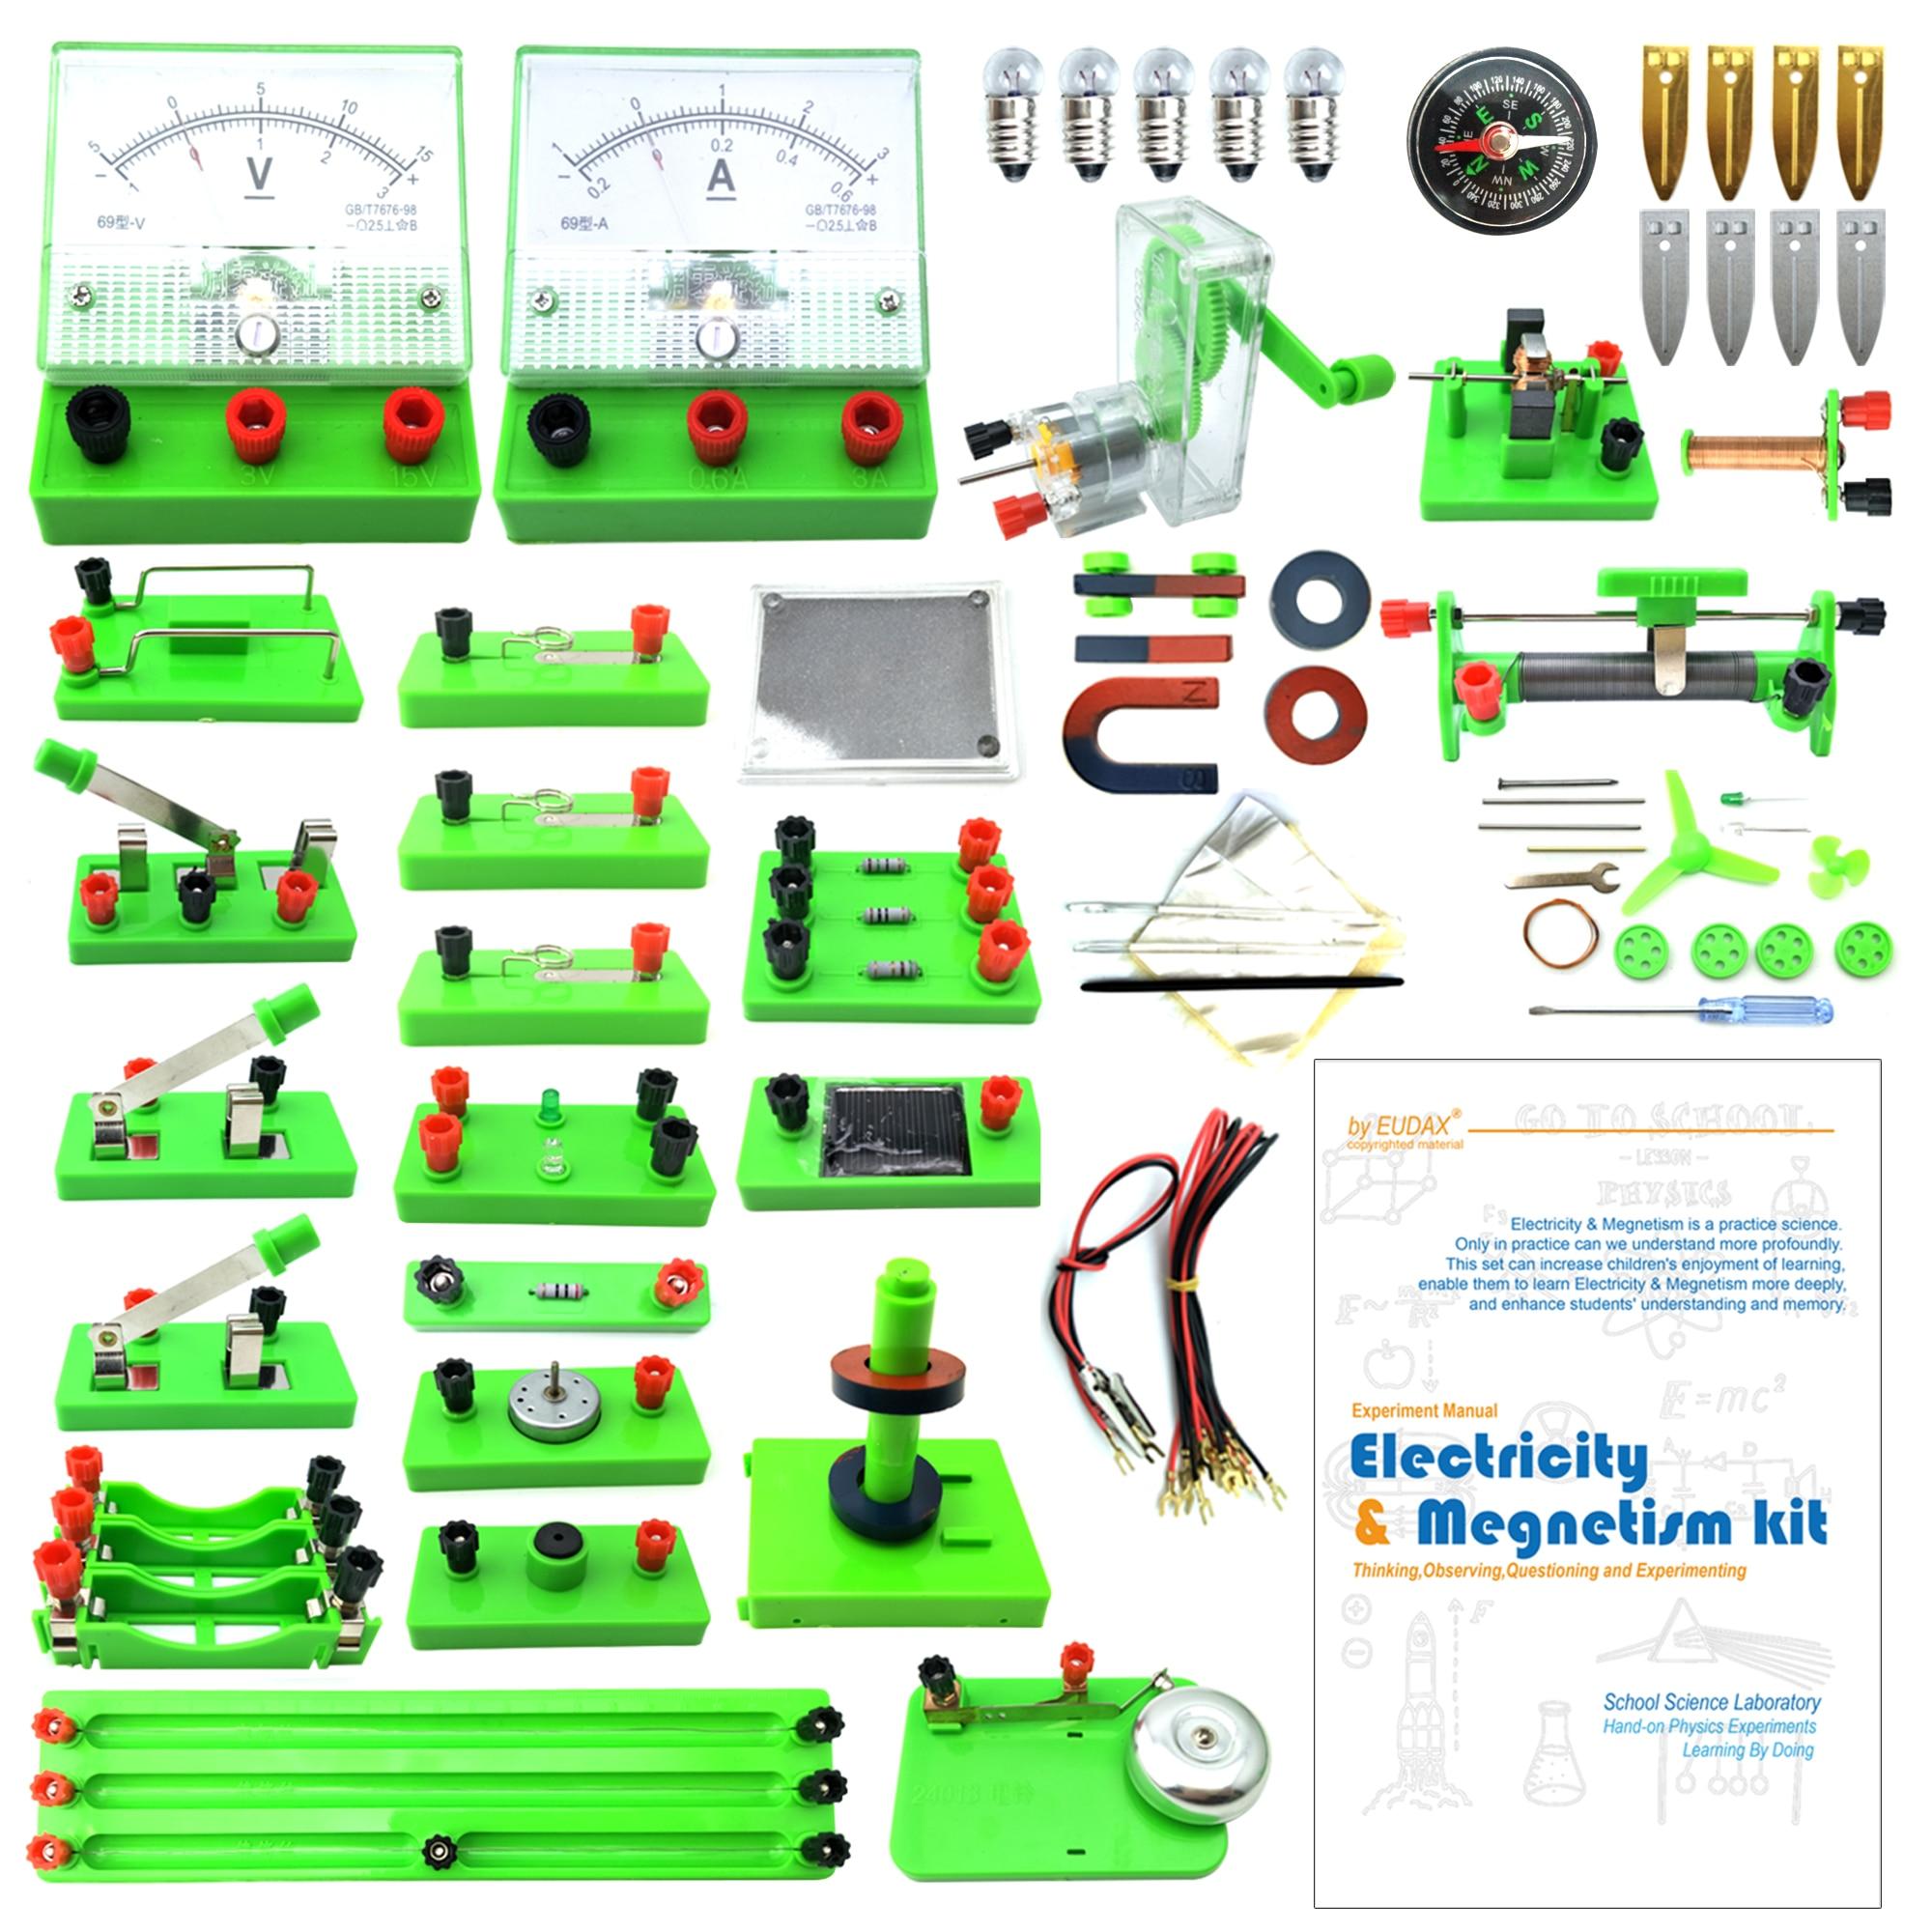 EUDAX школьная физических лабораториях отключения электричества Обнаружение короткого замыкания и магнетизм наборы для экспериментов для с...